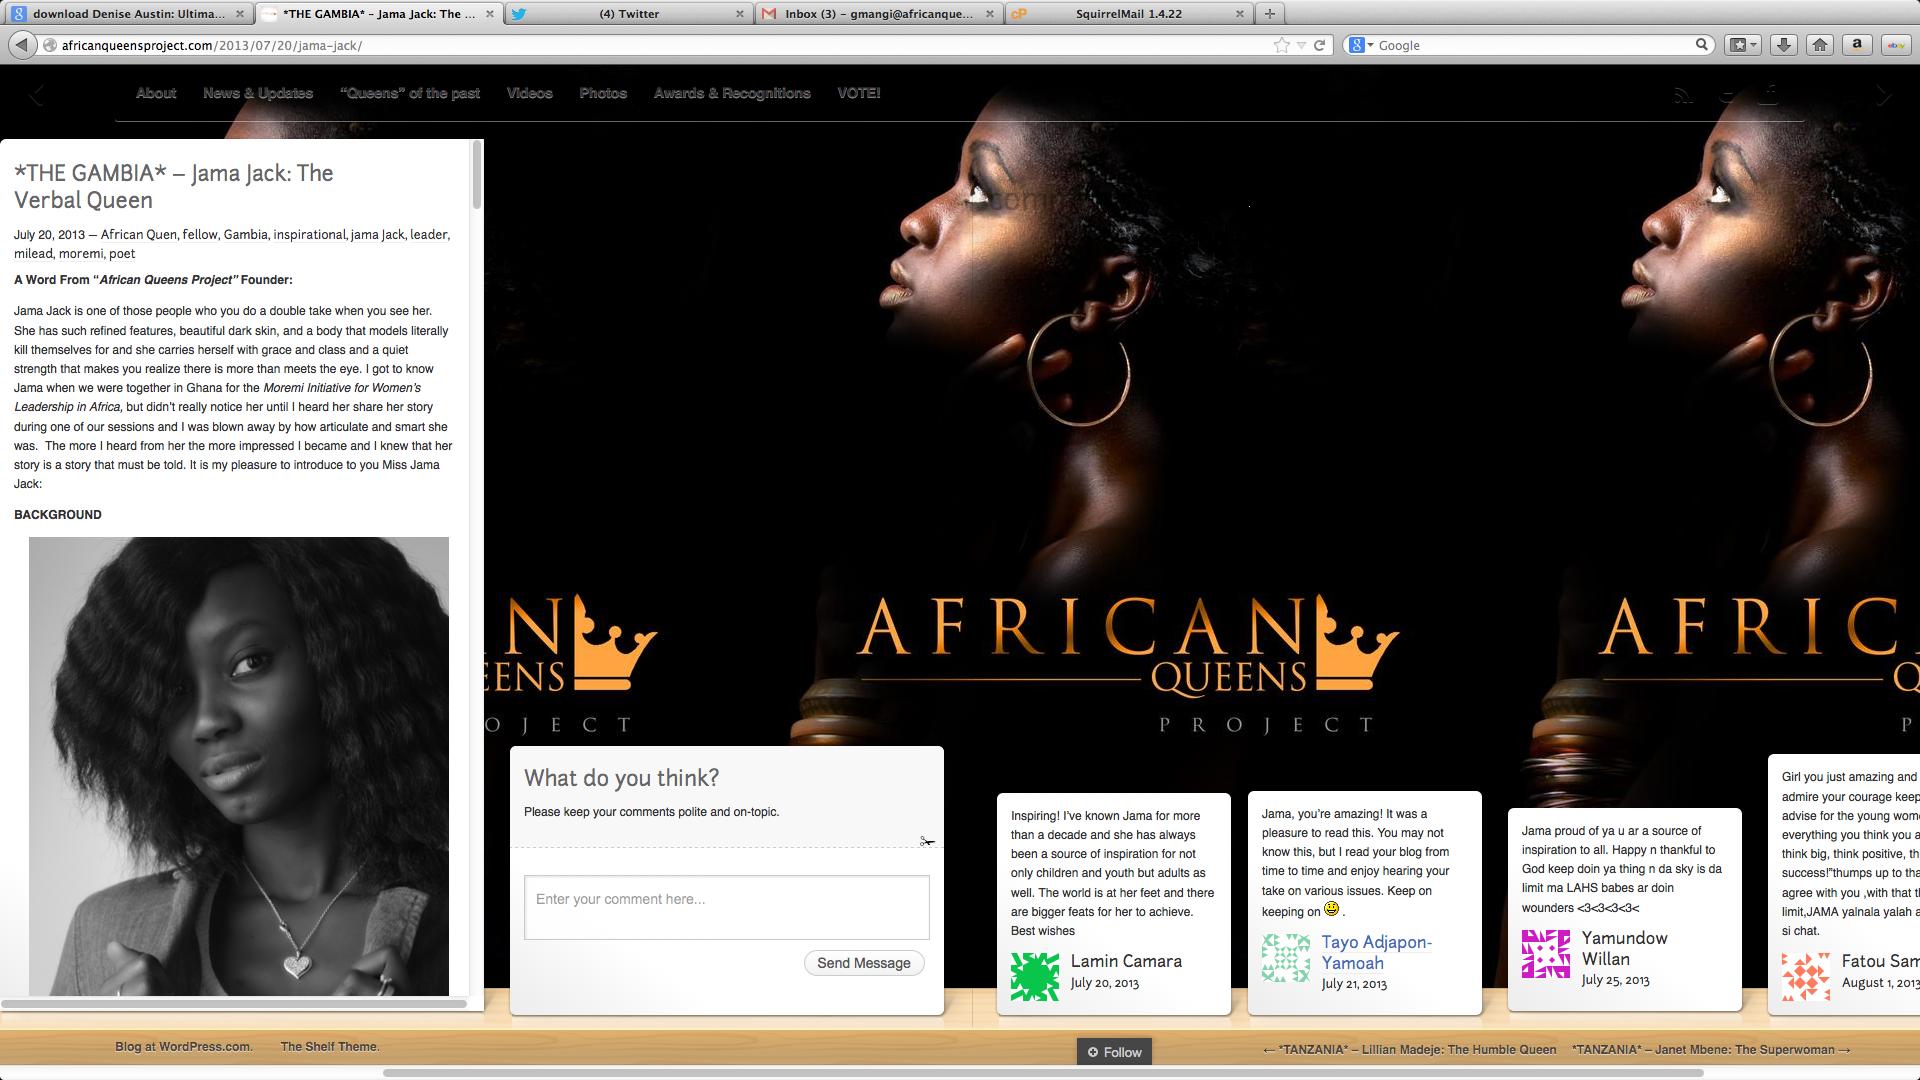 African Queens project_2